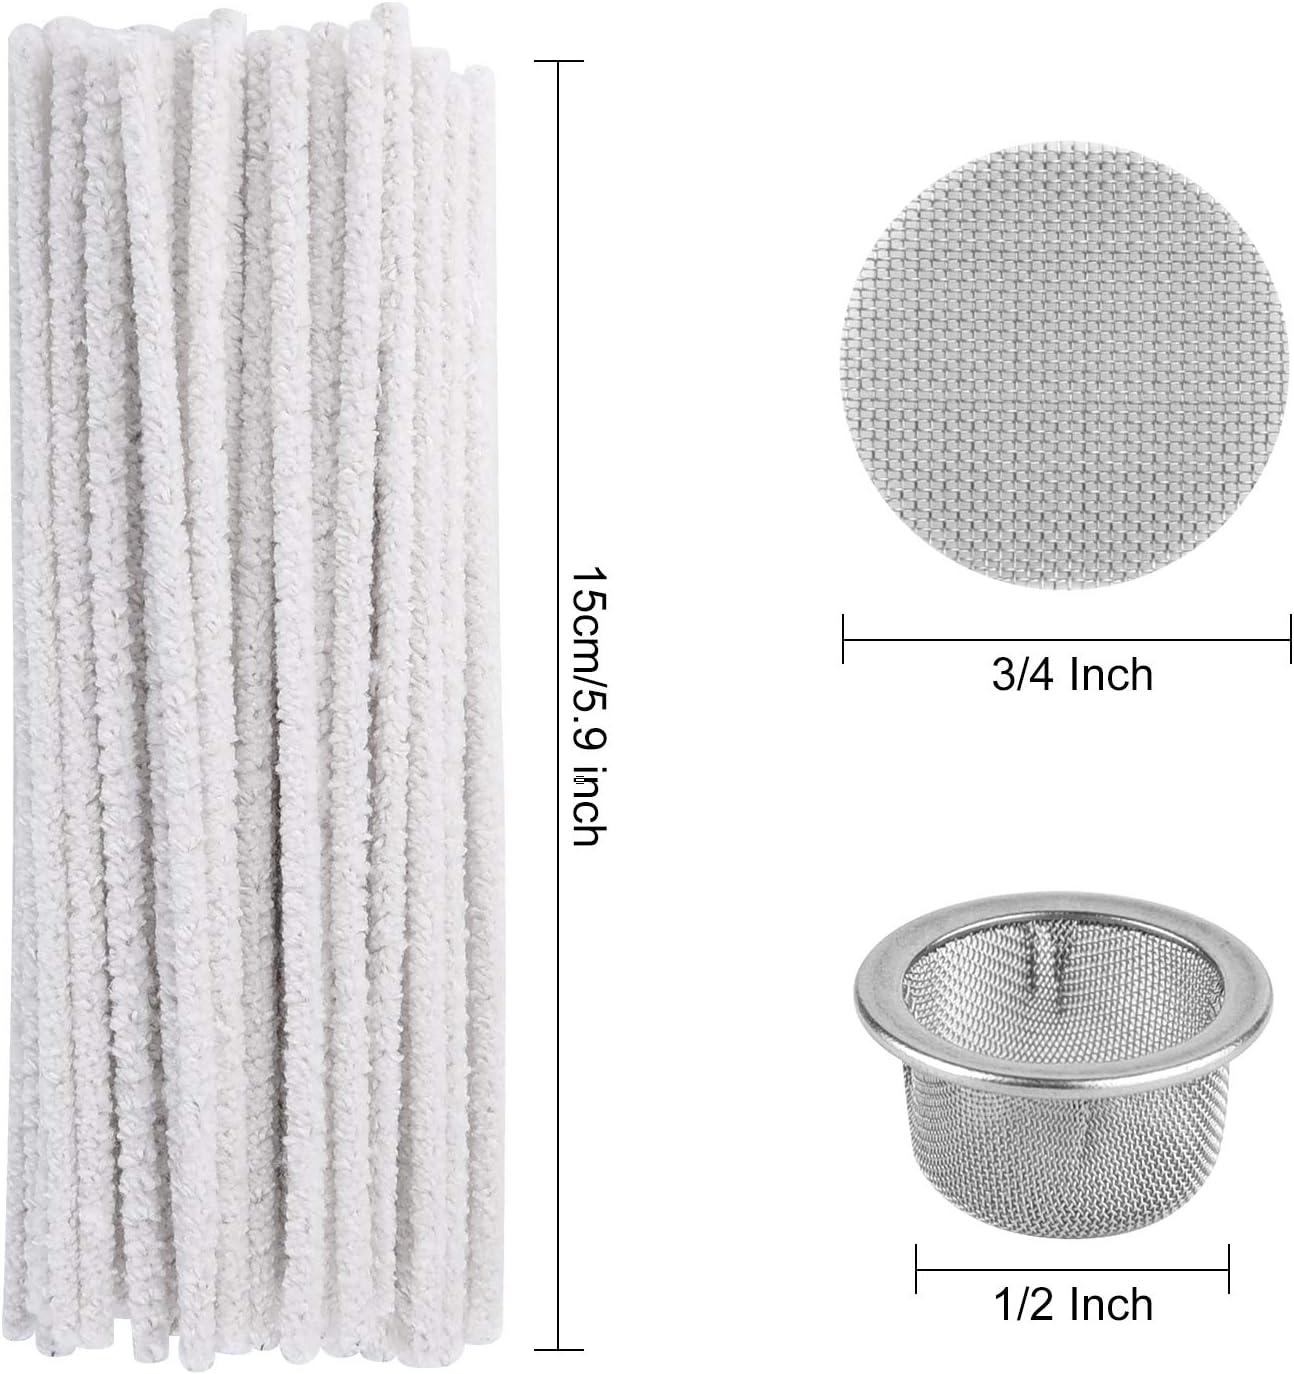 ASTARON Il Set di filtri per Tubi e scovolini da 110 Pezzi Include 50 Pezzi di scovolini a setole dure e 60 Pezzi di filtri per Tubi in Acciaio Inossidabile per Tubi di Vetro